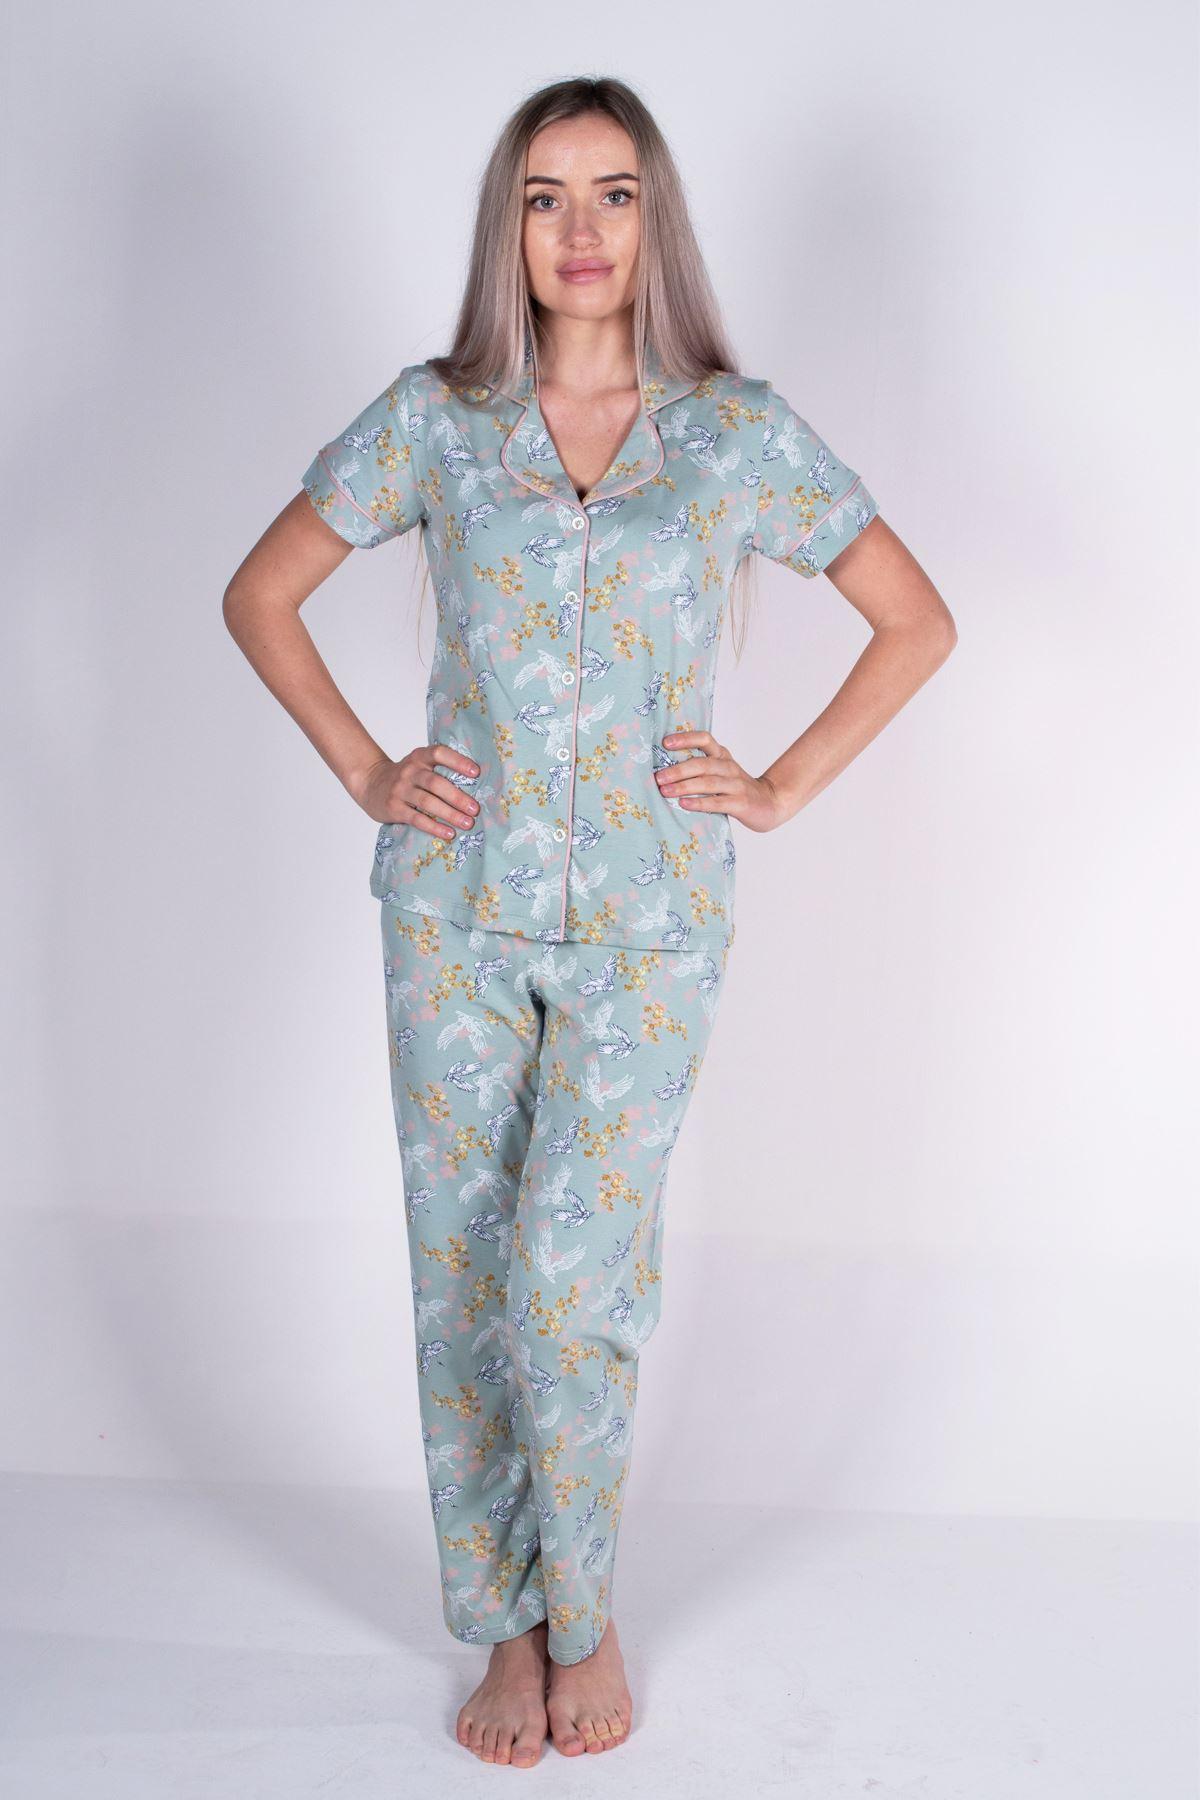 Malabadi Kadın Yeşil Düğmeli Likralı Modal Yazlık Pijama Takımı 5004